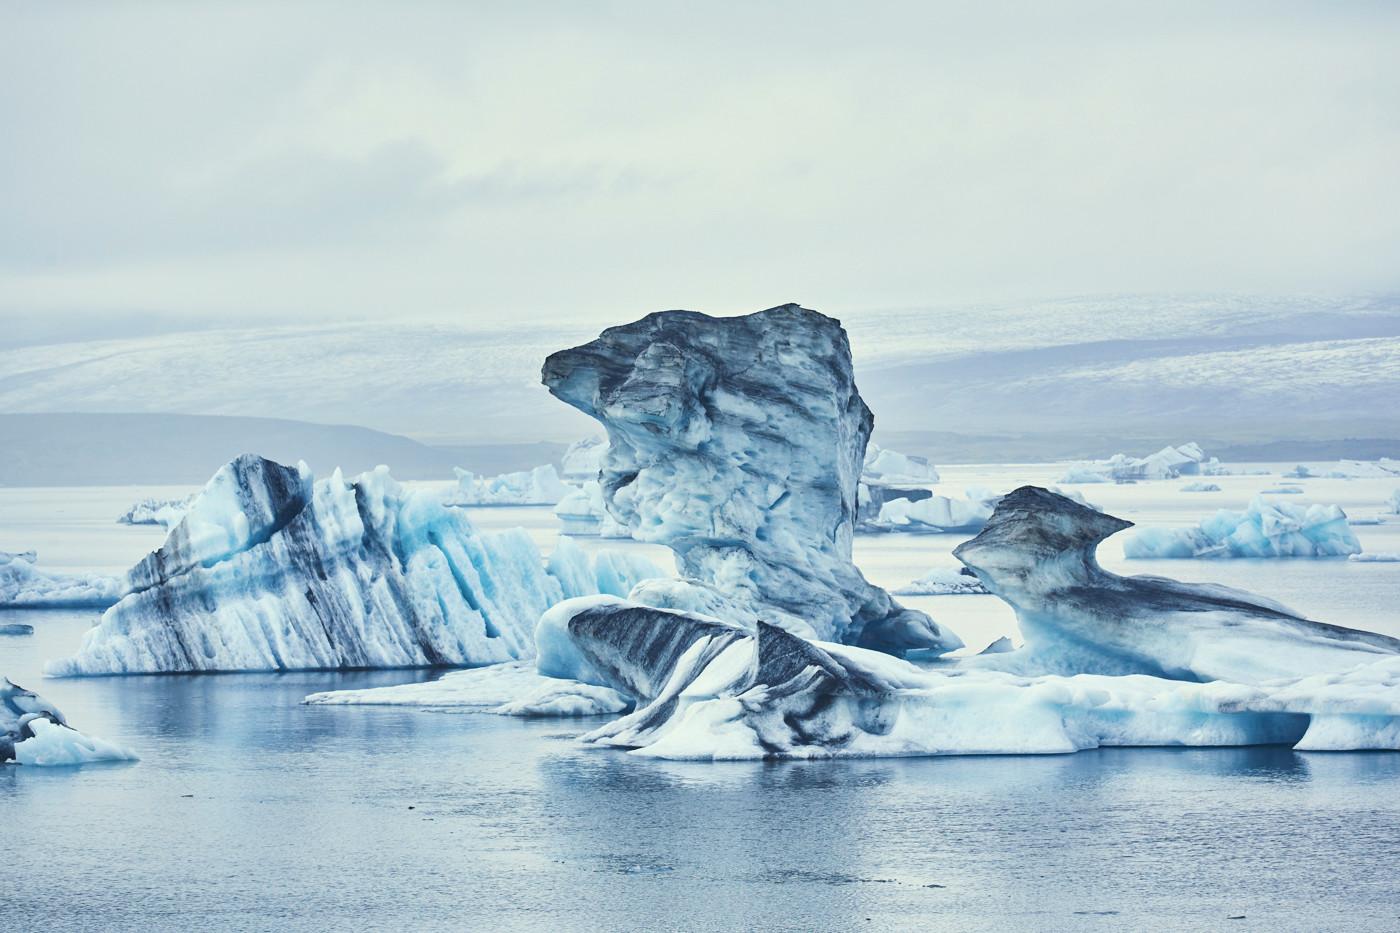 Jökulsárlón, eissee, ice lagoon, ice lake, lagoon, eis, eisschollen, gletschereis, bootstouren, reiseblog, reiseblogger, miles and shores, eisberg, vulkanasche in gletschereis